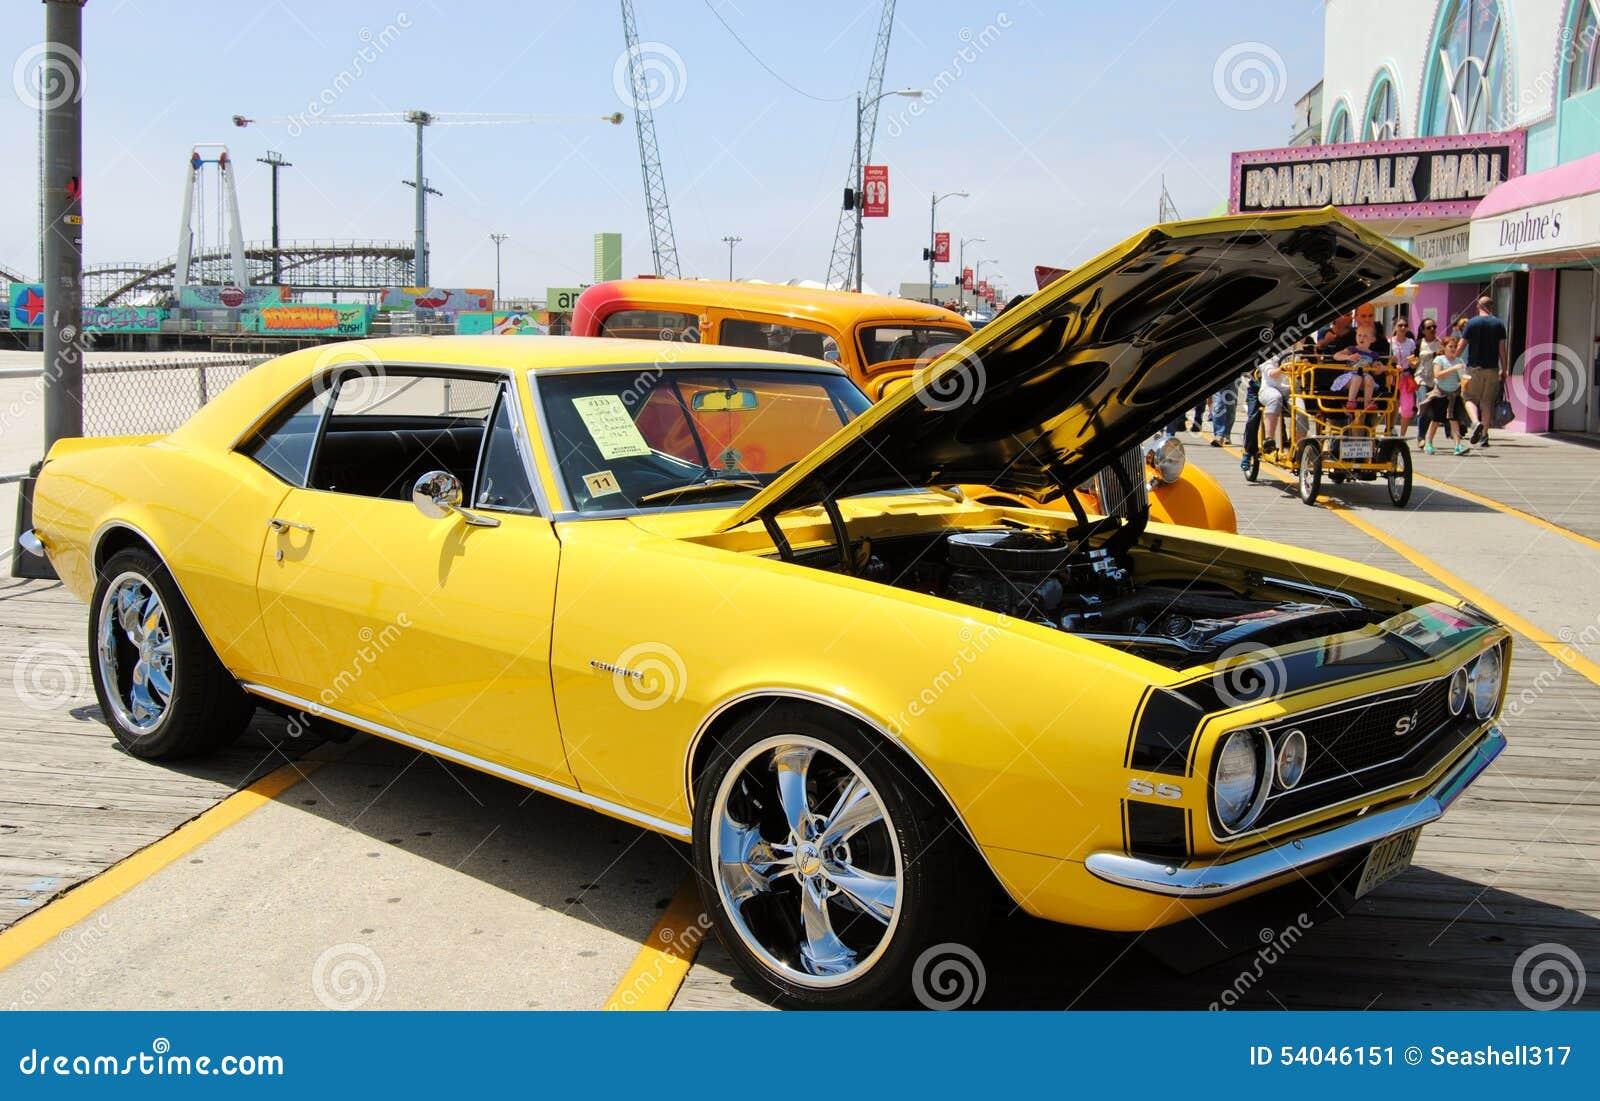 Antique Car Shows In Nj